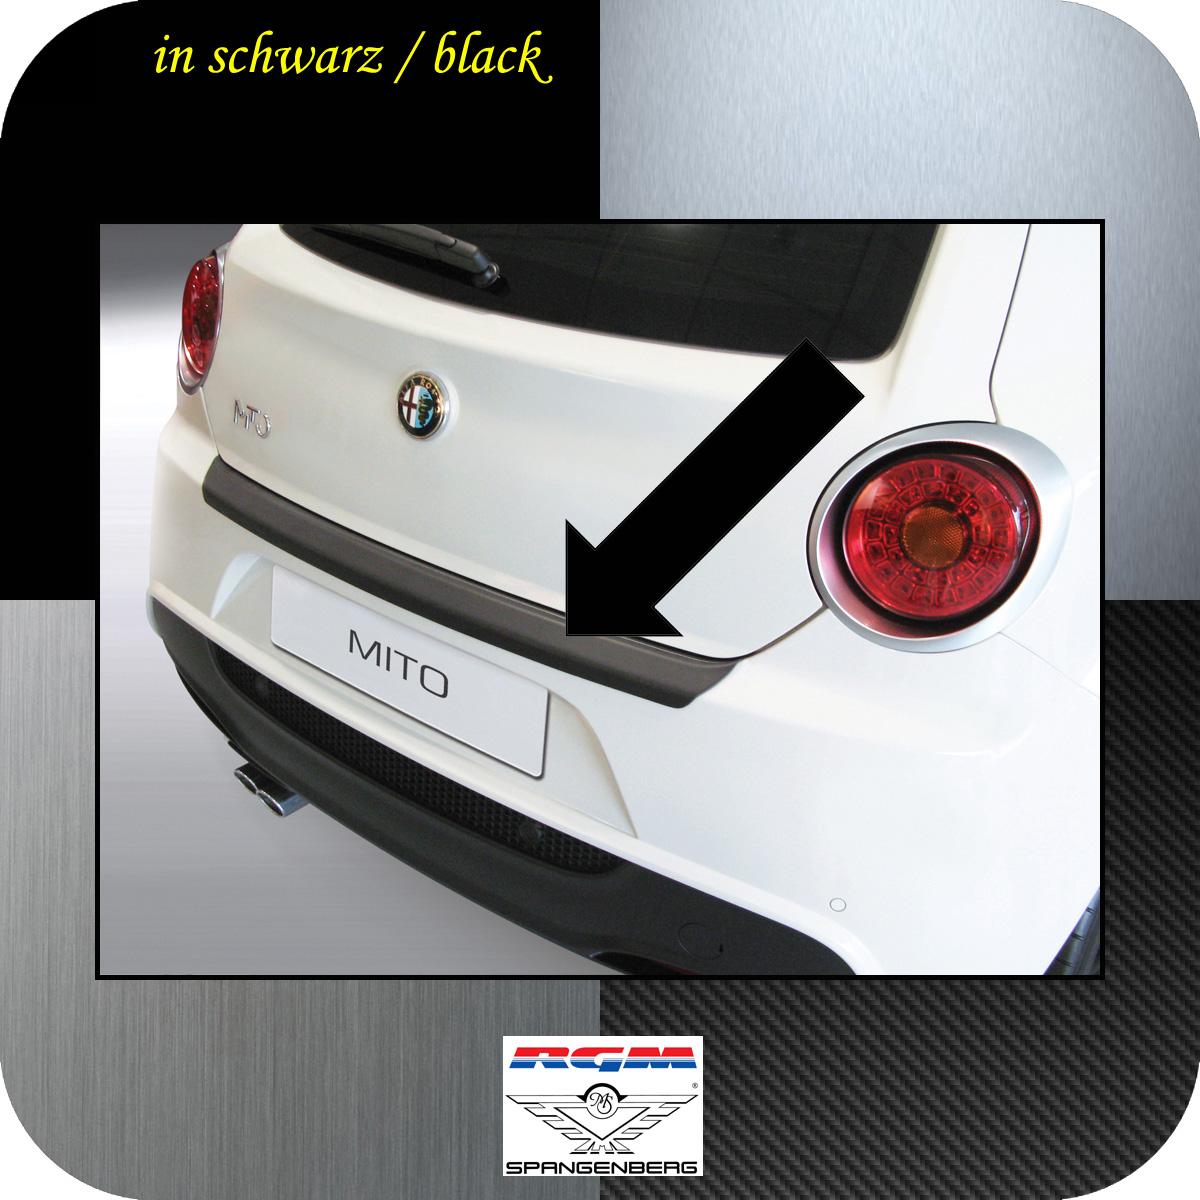 Ladekantenschutz schwarz Alfa Romeo Mito Schrägheck ab Baujahr 2008- 3500546